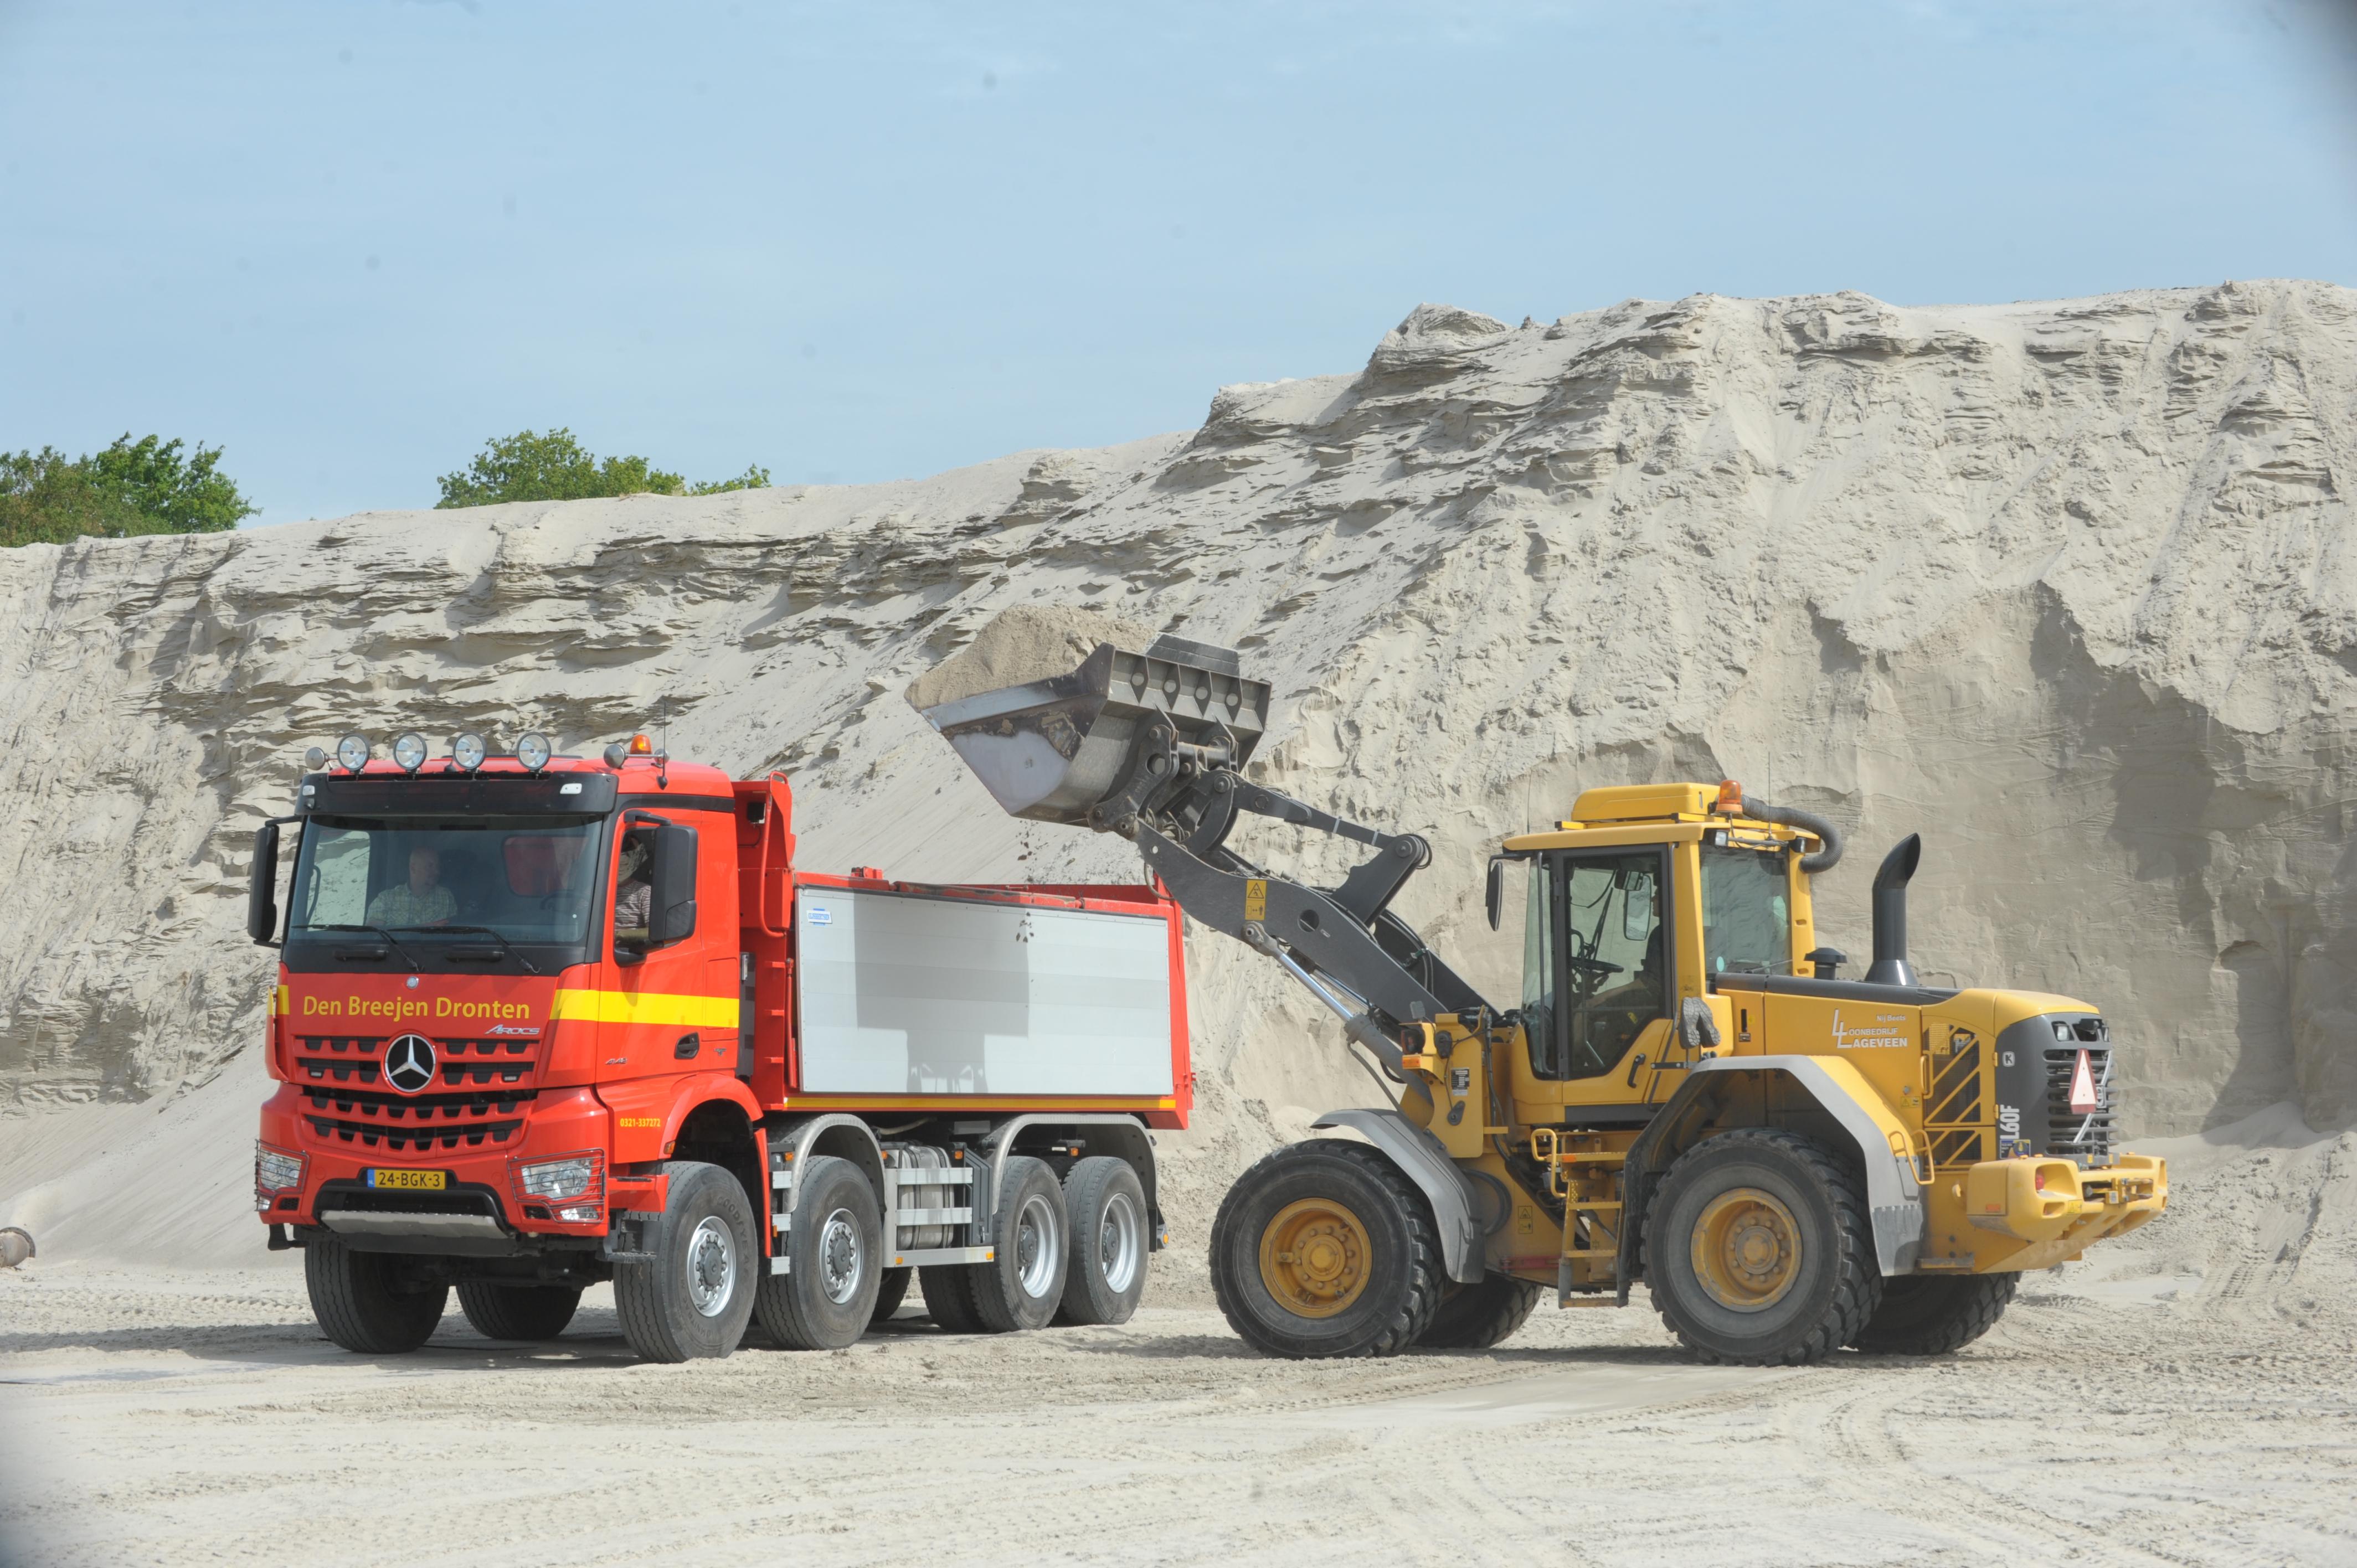 <p>DenBreejenkoos voor de standaardArocsmet 37 ton GVW.</p>